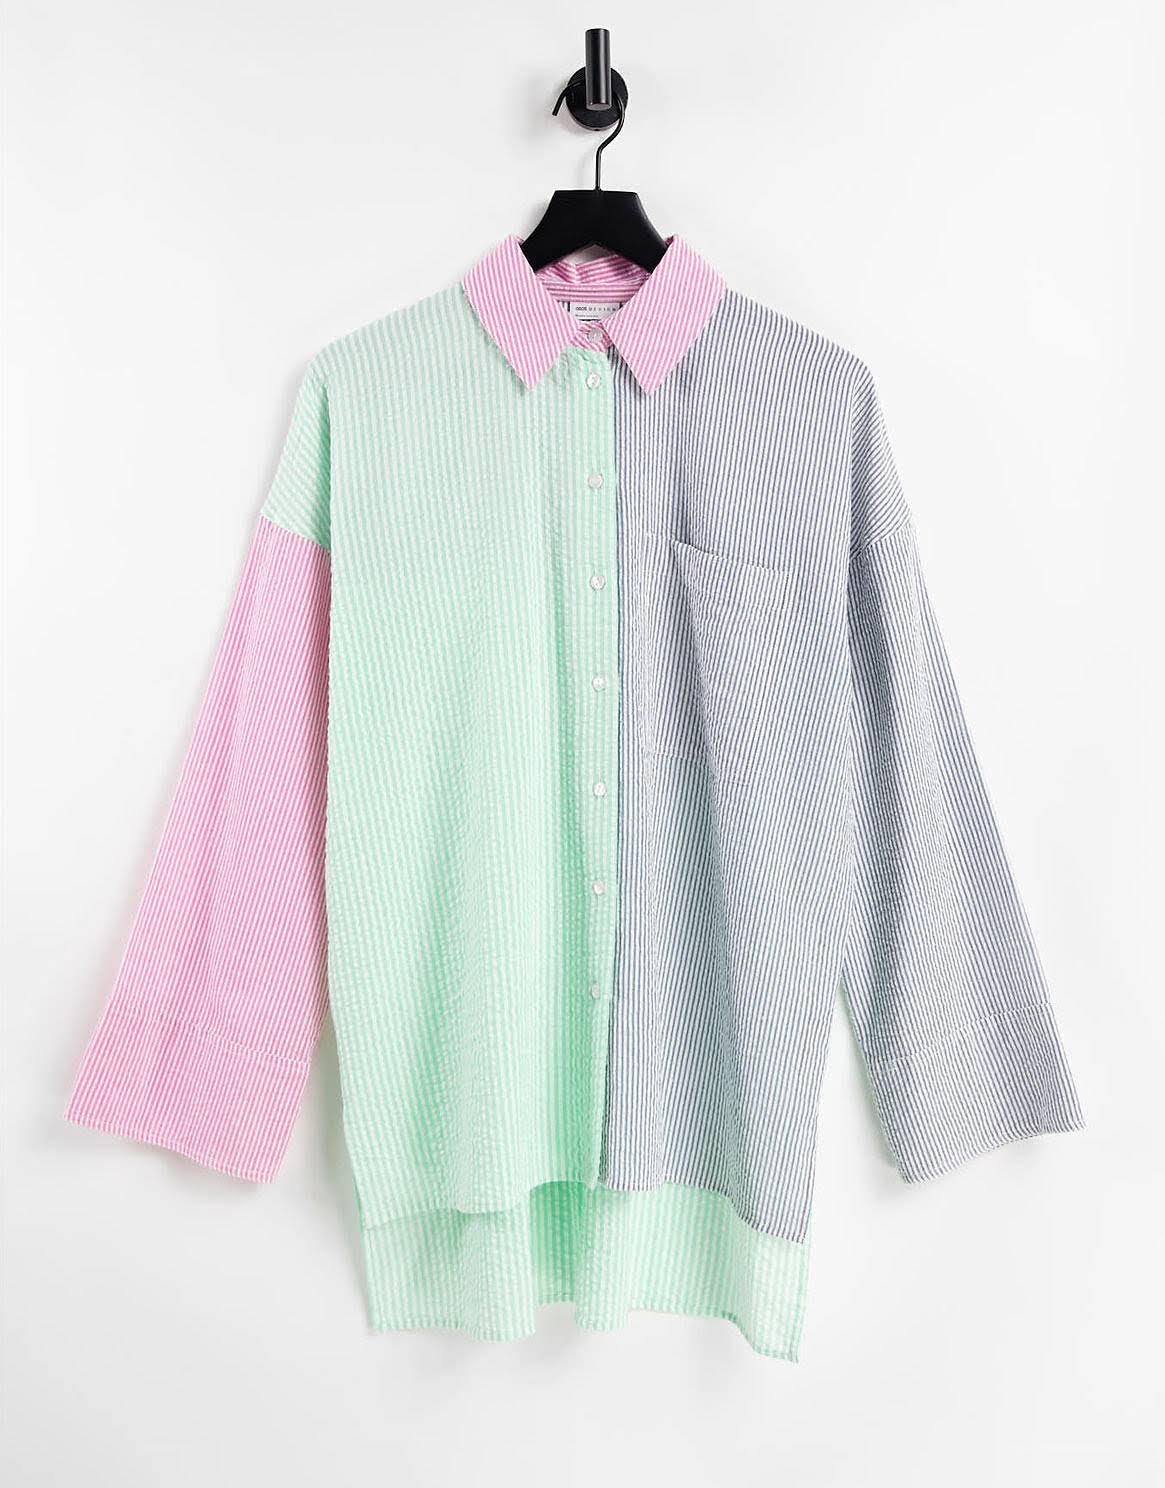 Camisa dad a rayas variadas azules, verdes y rosas de sirsaca de ASOS DESIGN